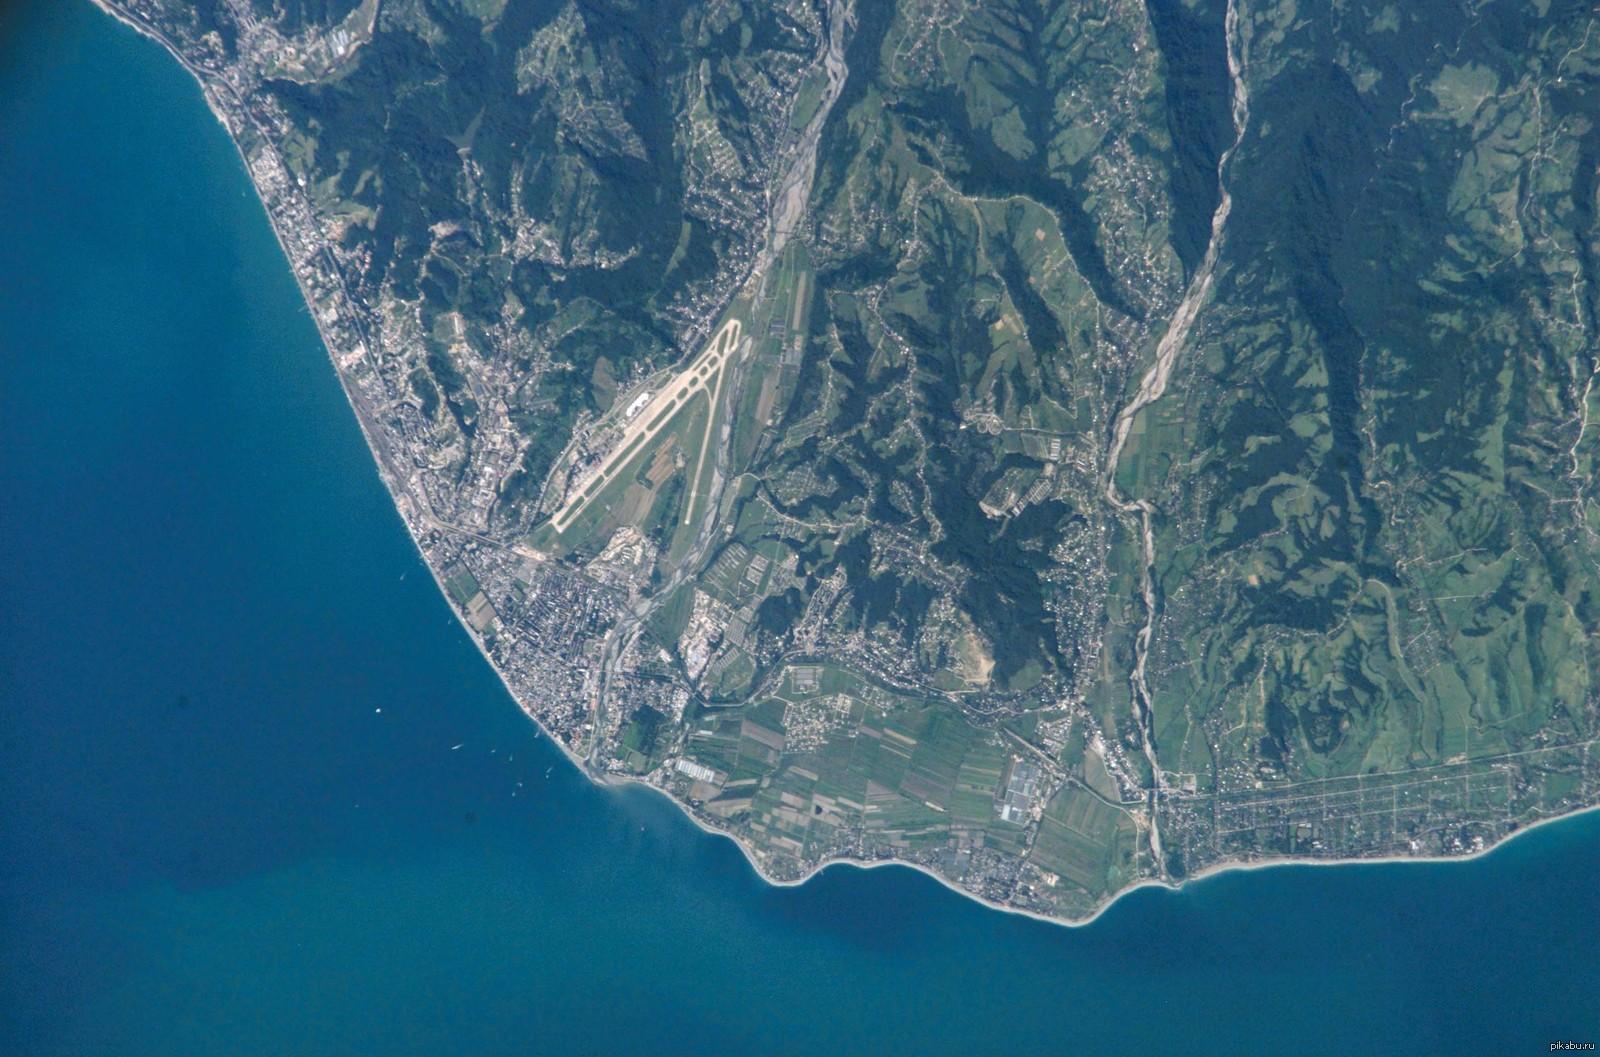 фото из космоса адлер рубрике модный